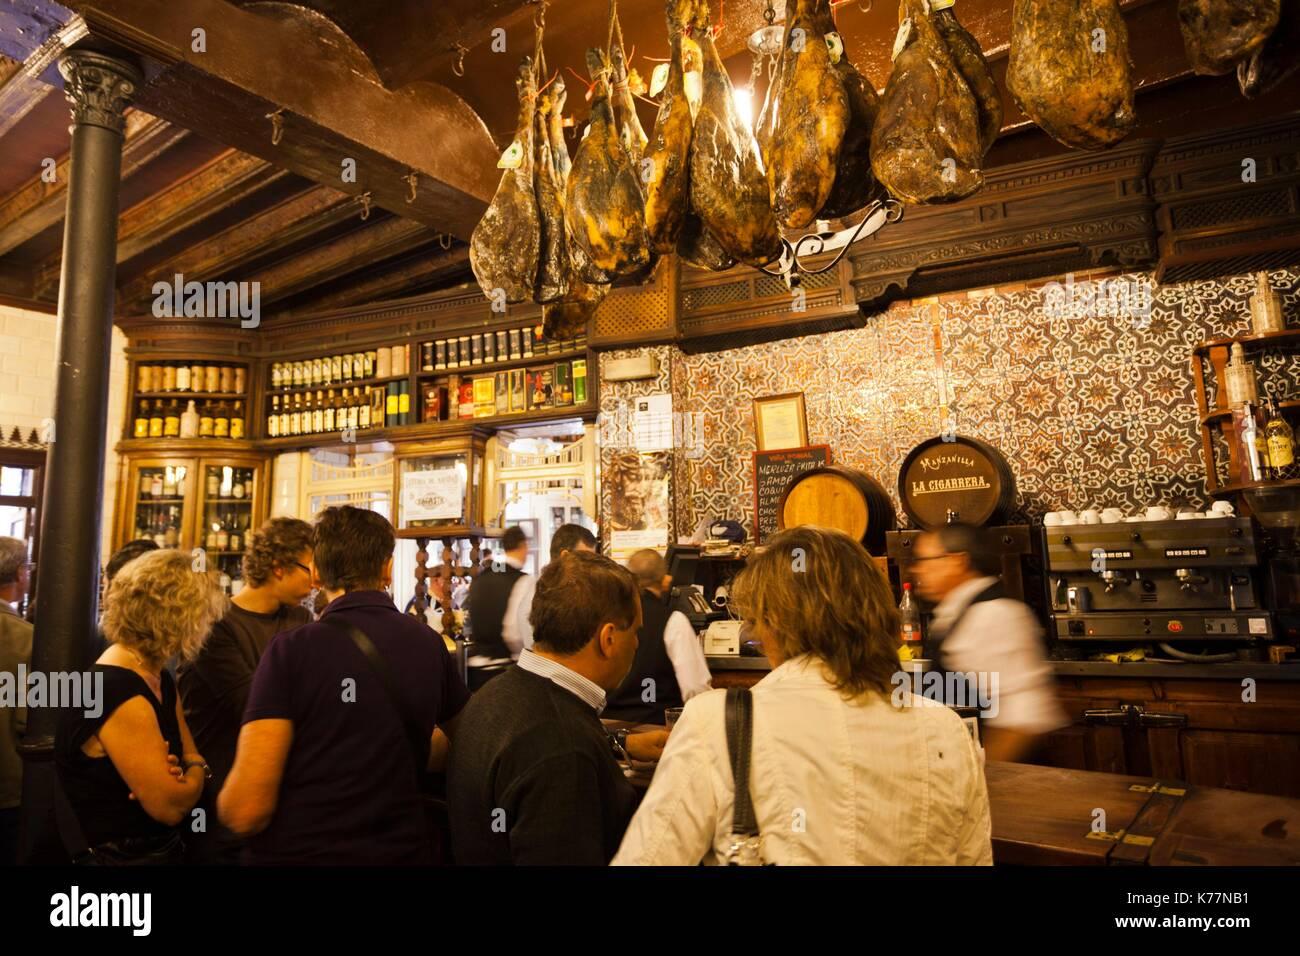 Spanien, Andalusien Region, Provinz Sevilla, Sevilla, El Rinconcillo, die älteste Bar in Sevilla, Interieur, Stockbild